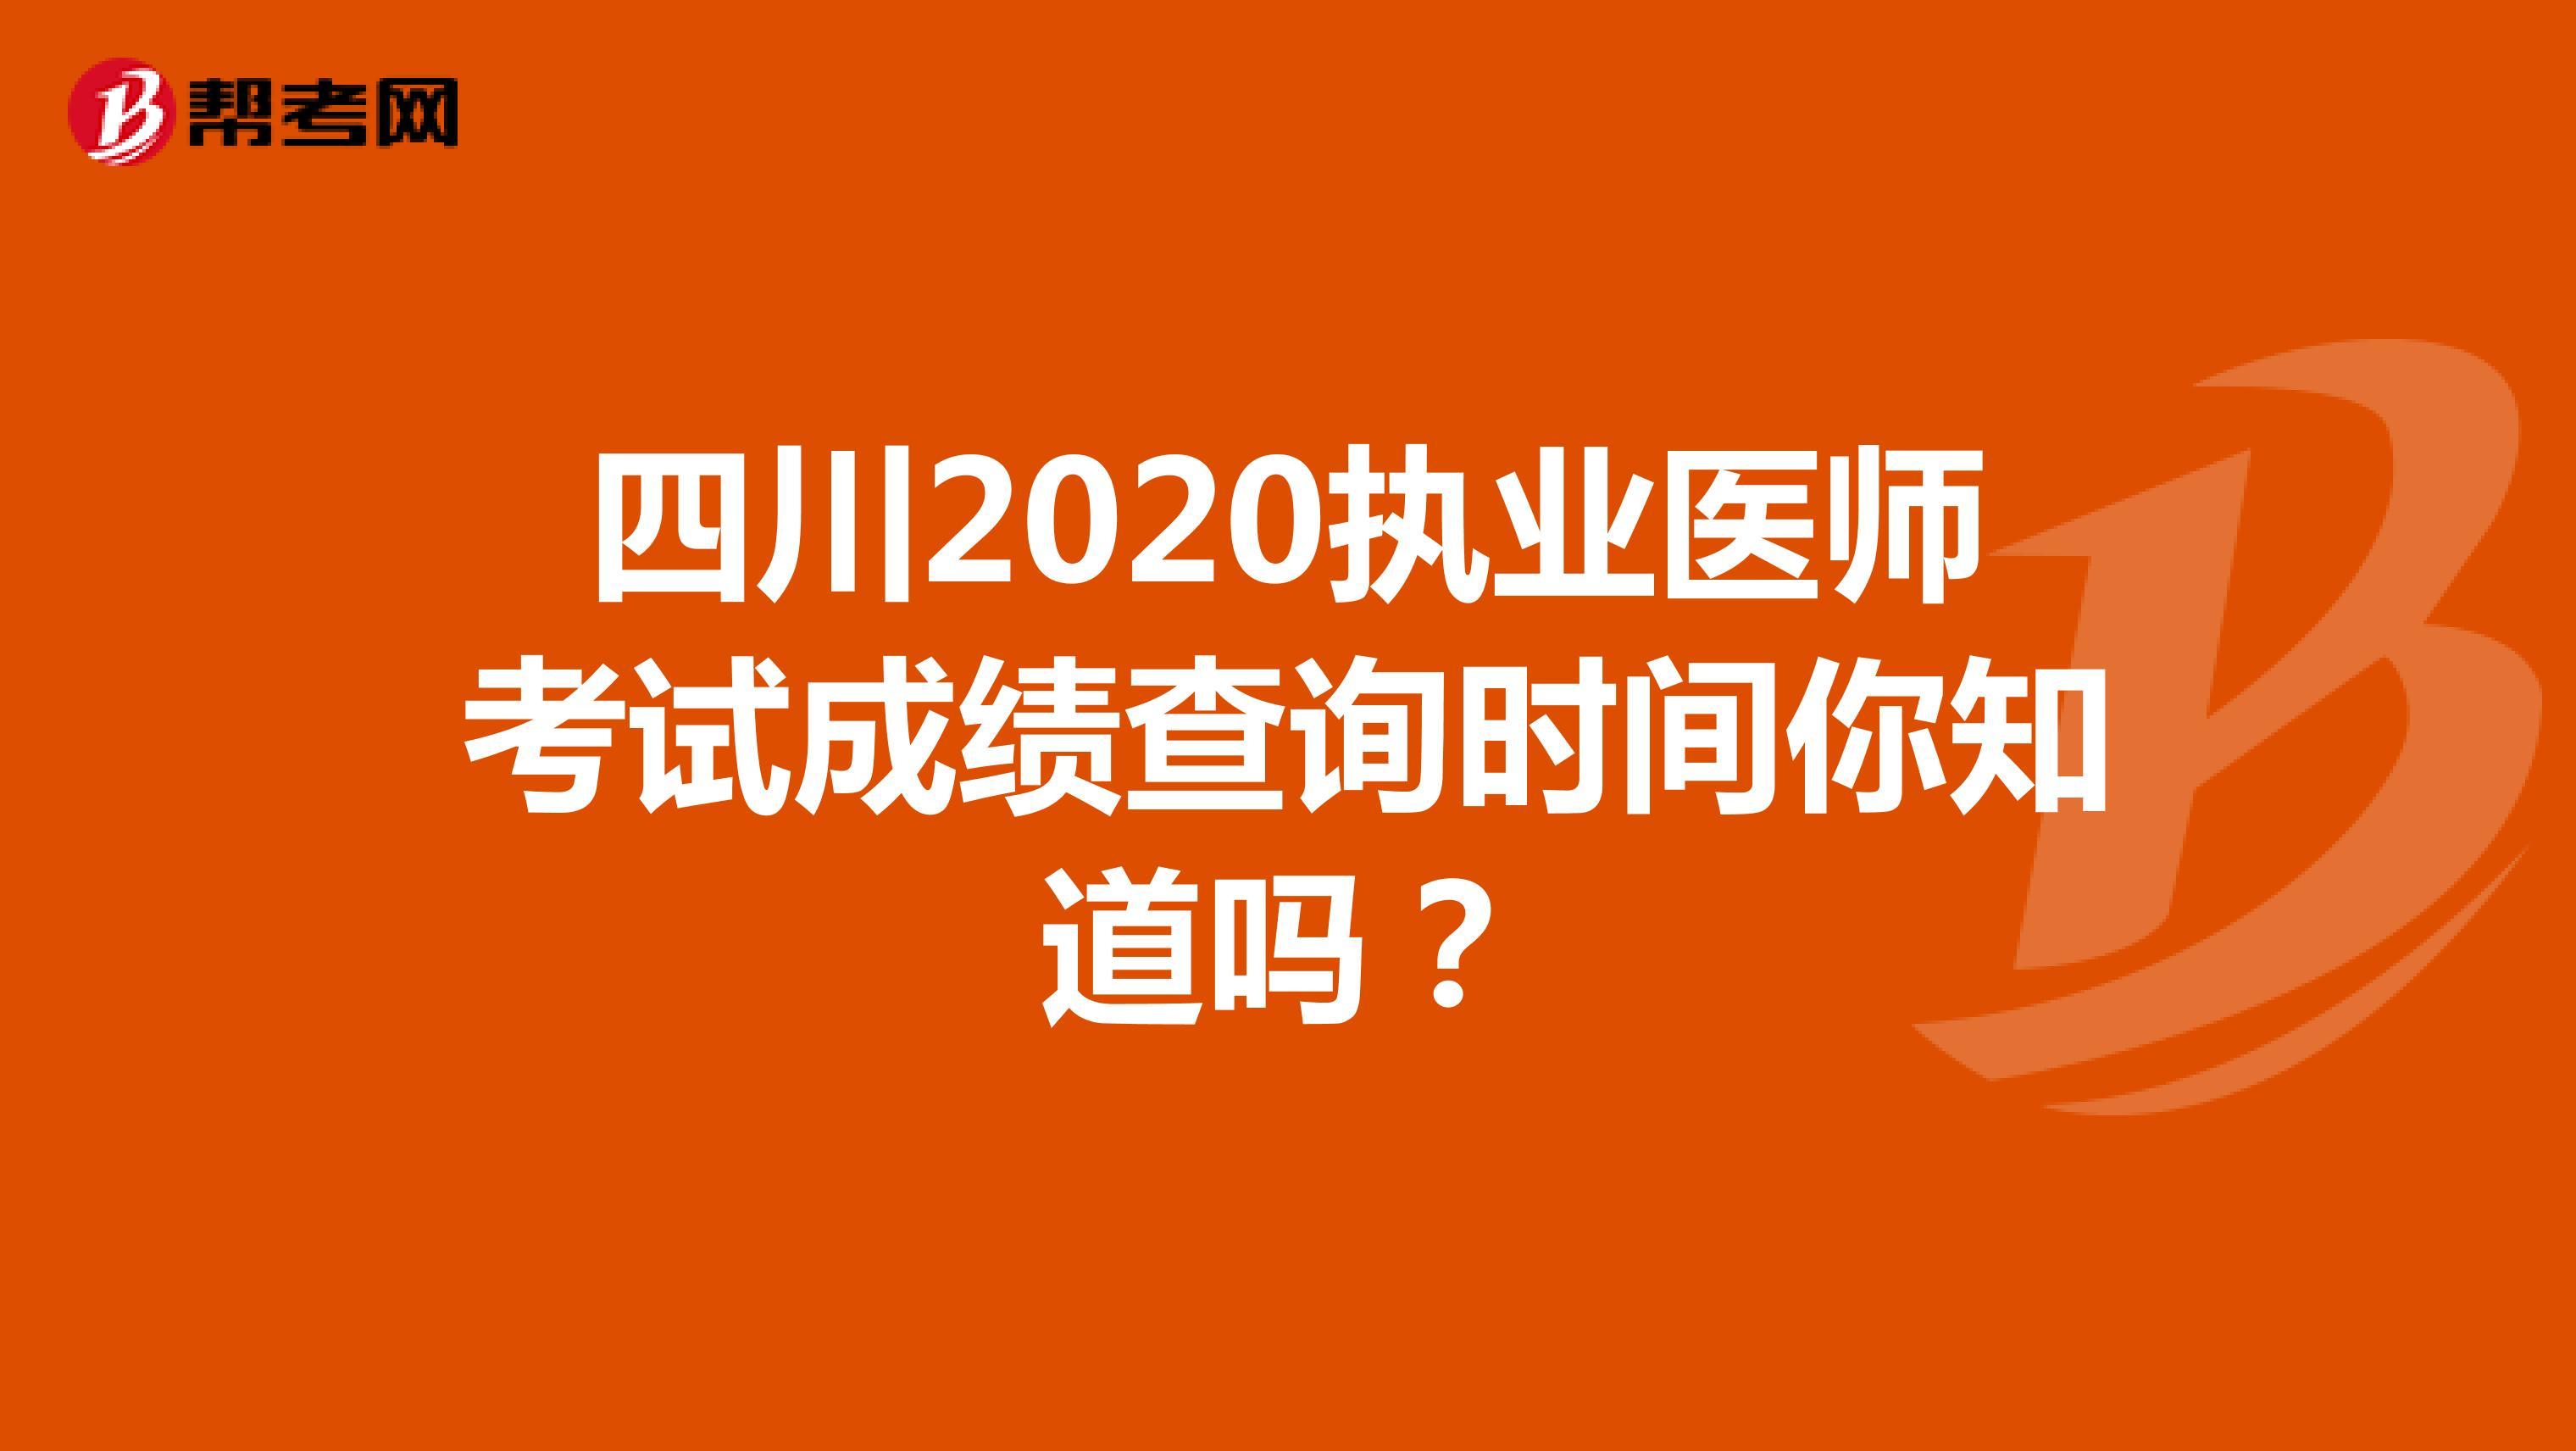 四川2020雷火雷火雷火电竞查询时间你知道吗?